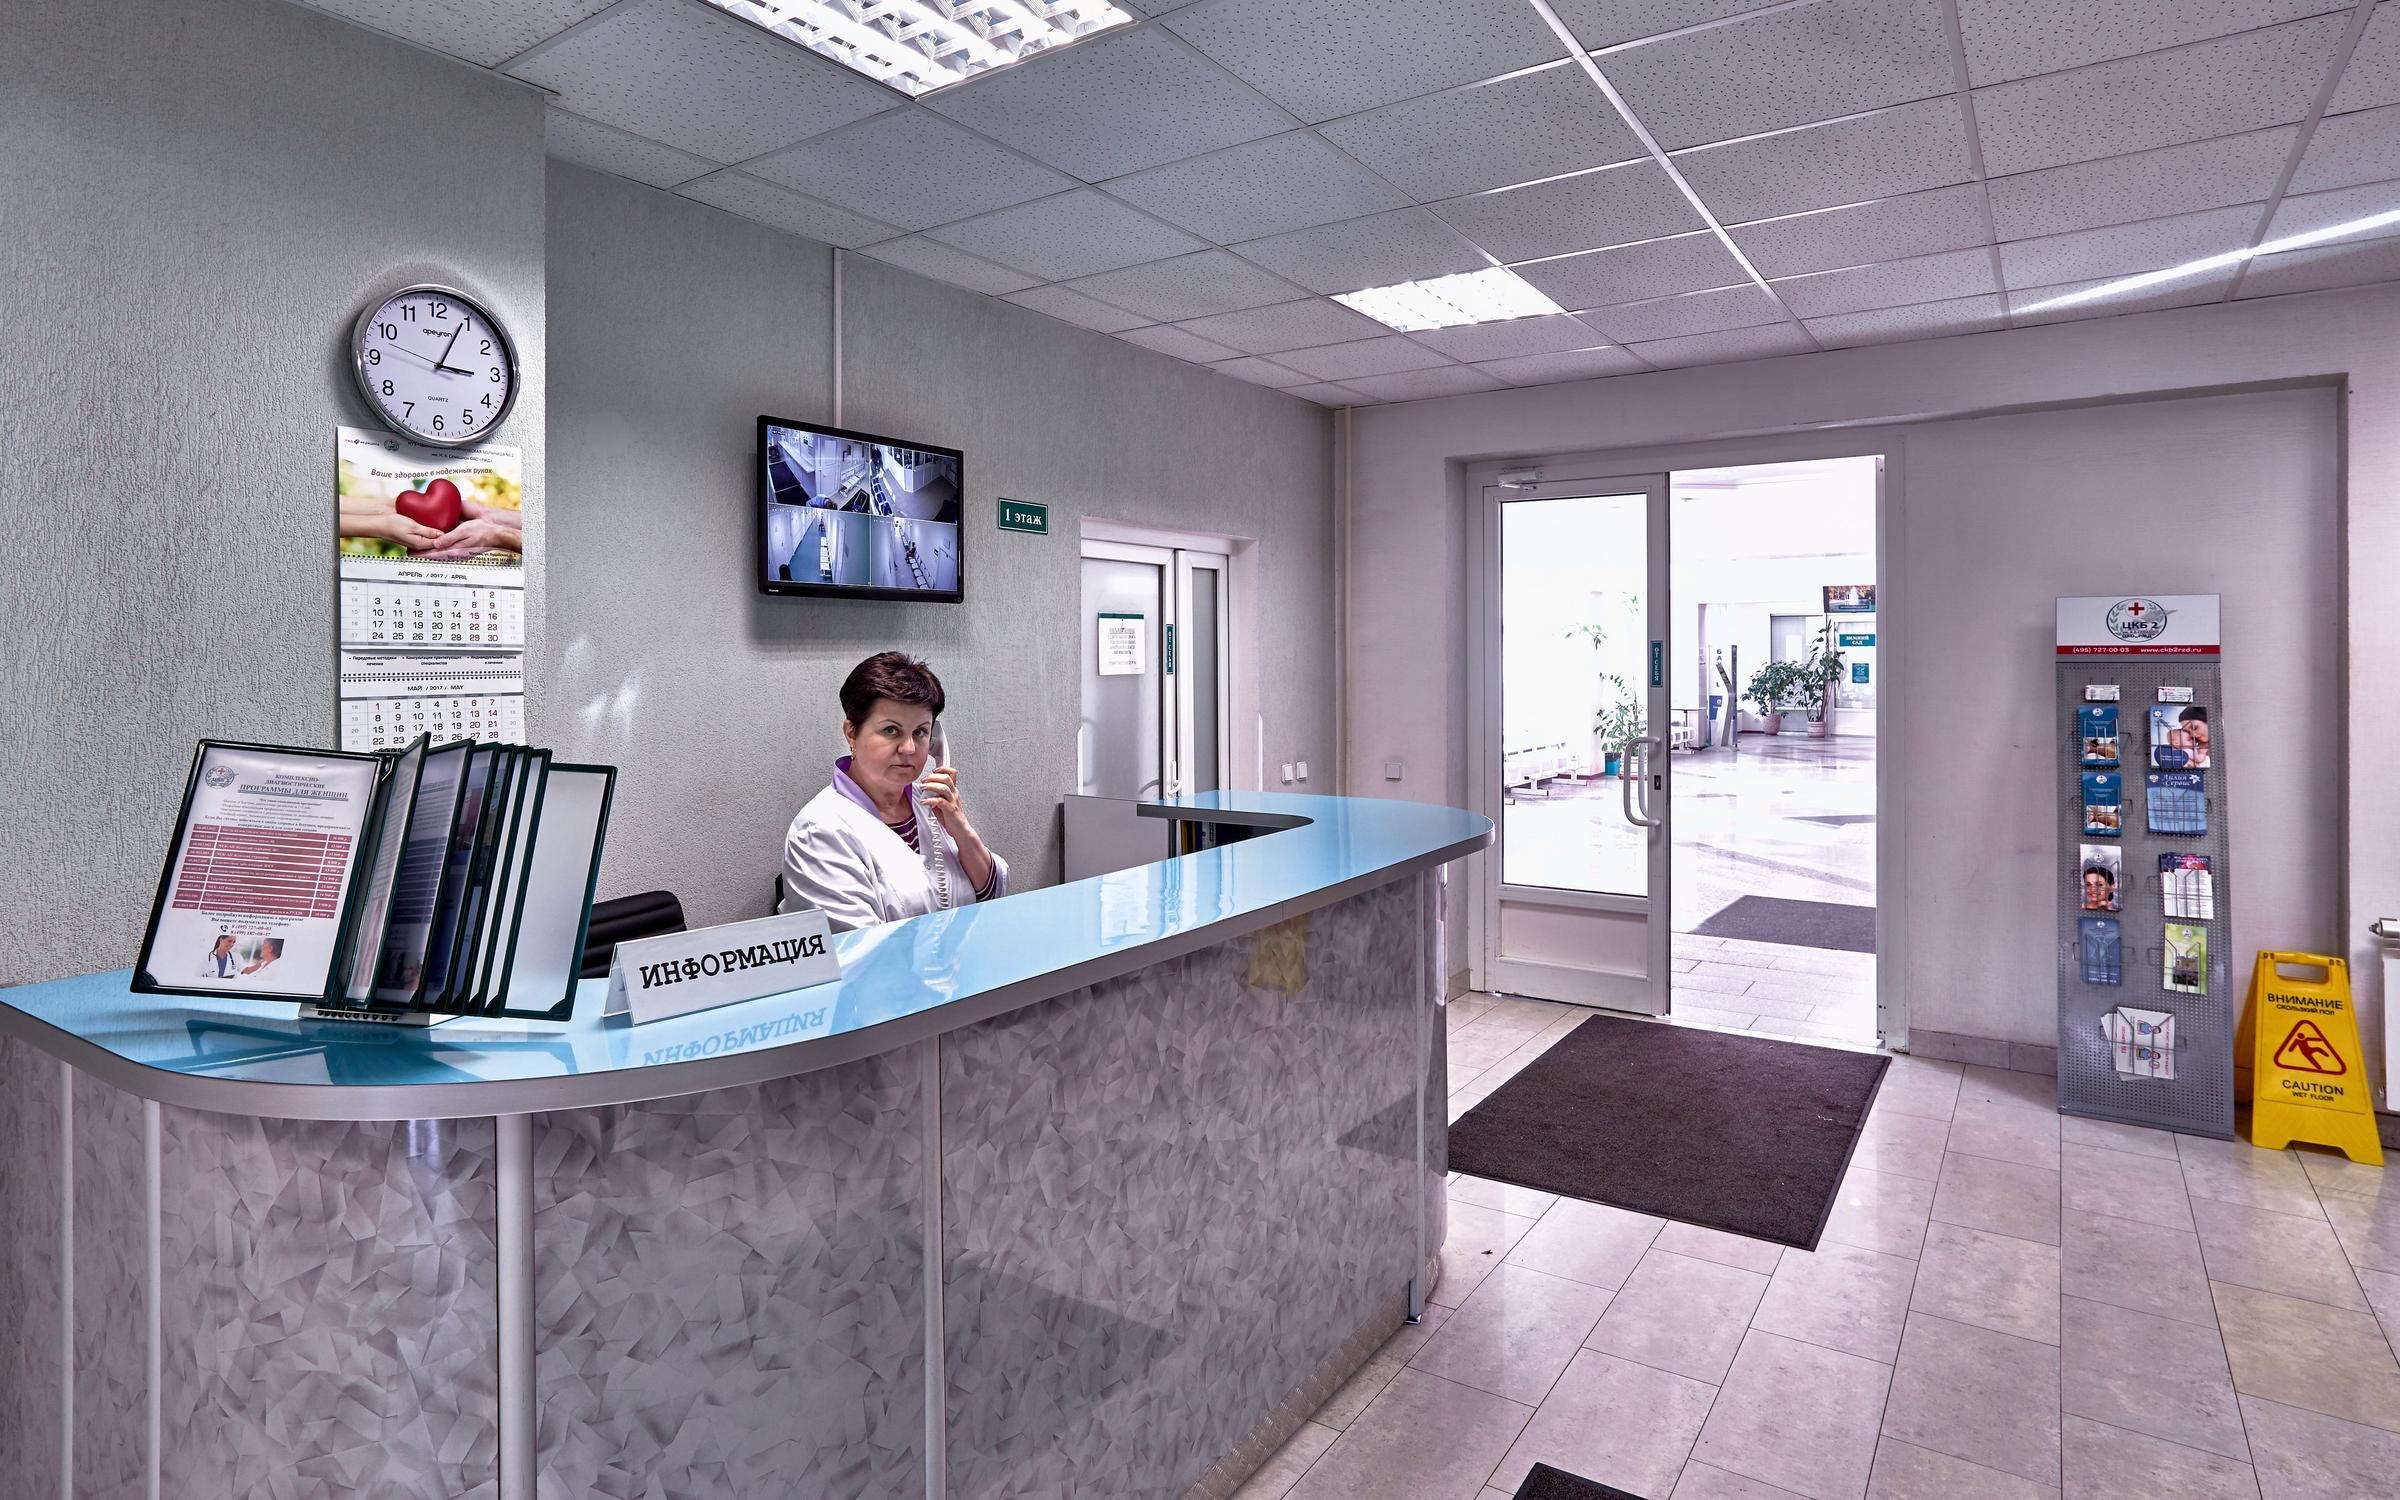 фотография Центральной клинической больницы №2 им. Н.А. Семашко ОАО РЖД на Будайской улице